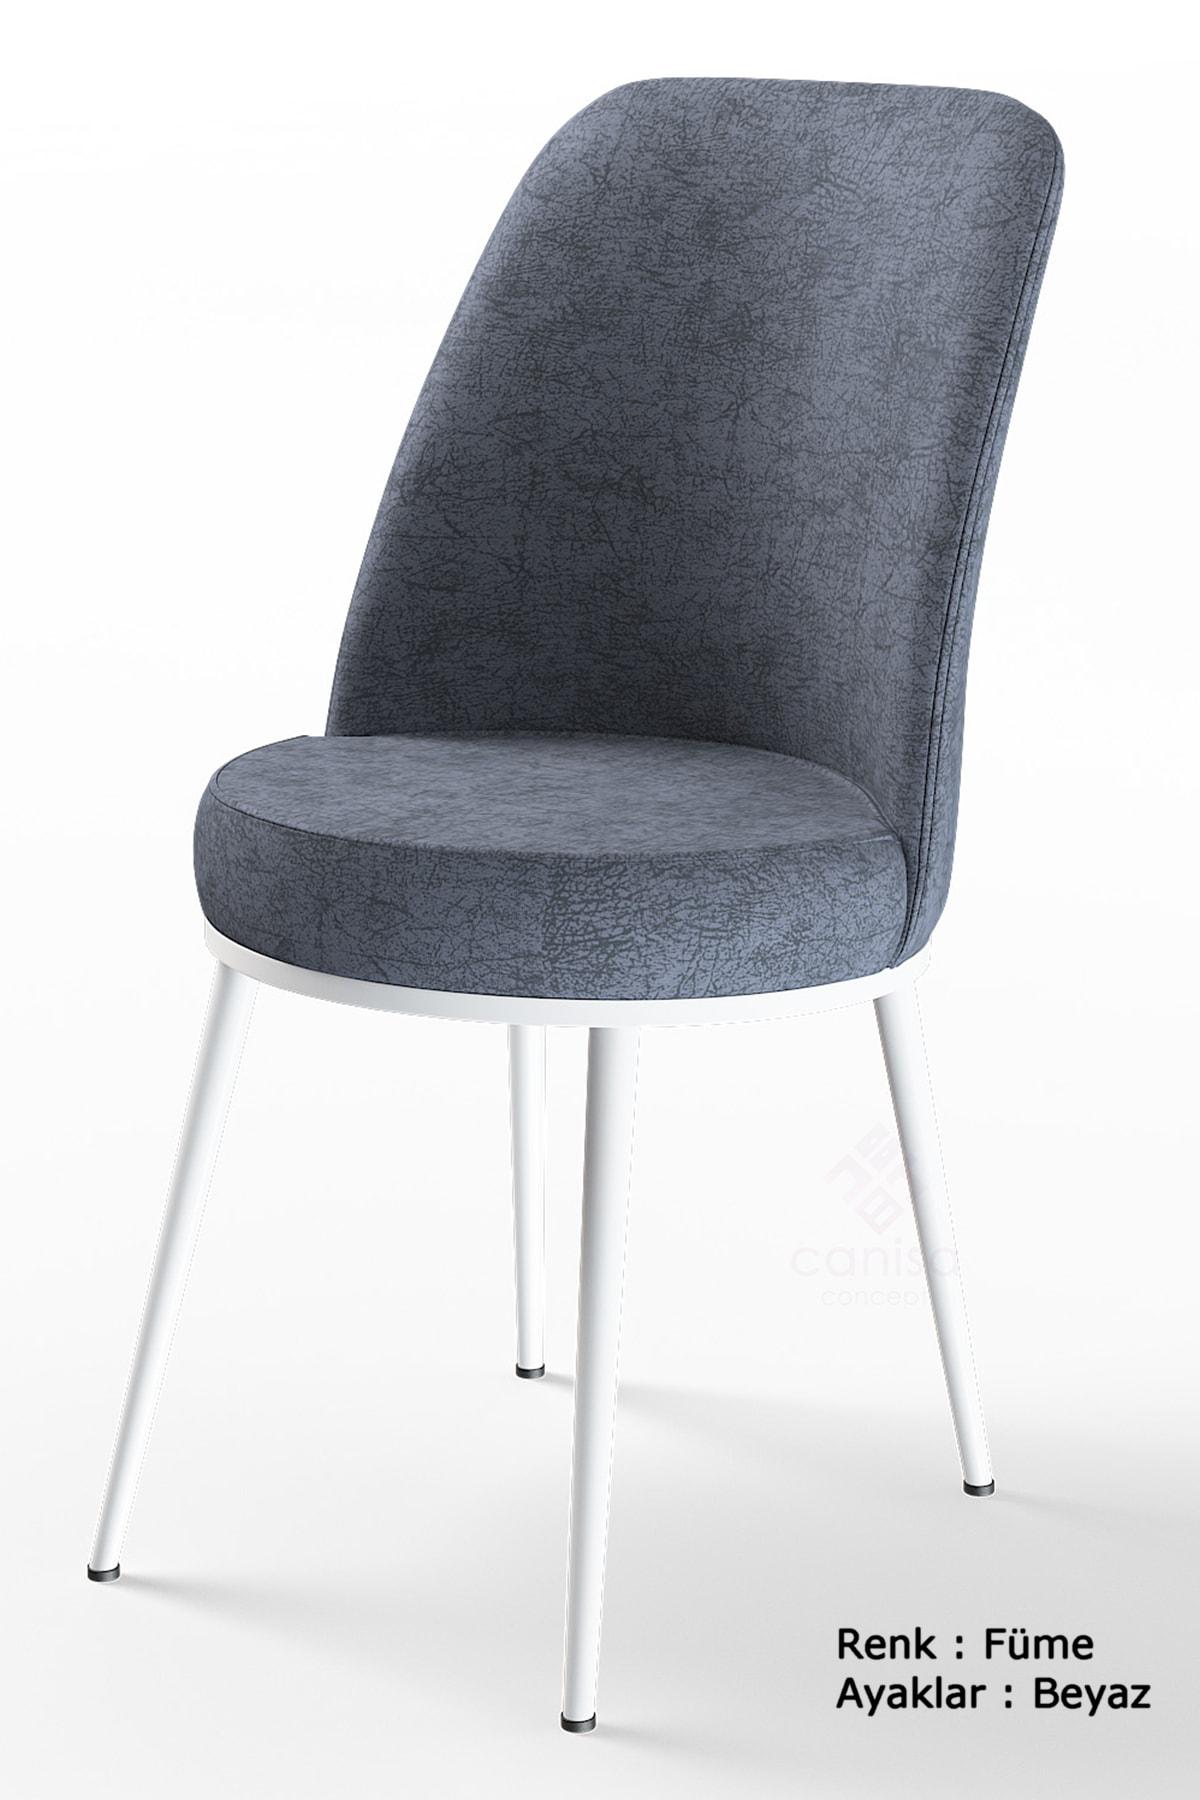 Dexa Serisi Füme Renk Sandalye Mutfak Sandalyesi, Yemek Sandalyesi Ayaklar Beyaz